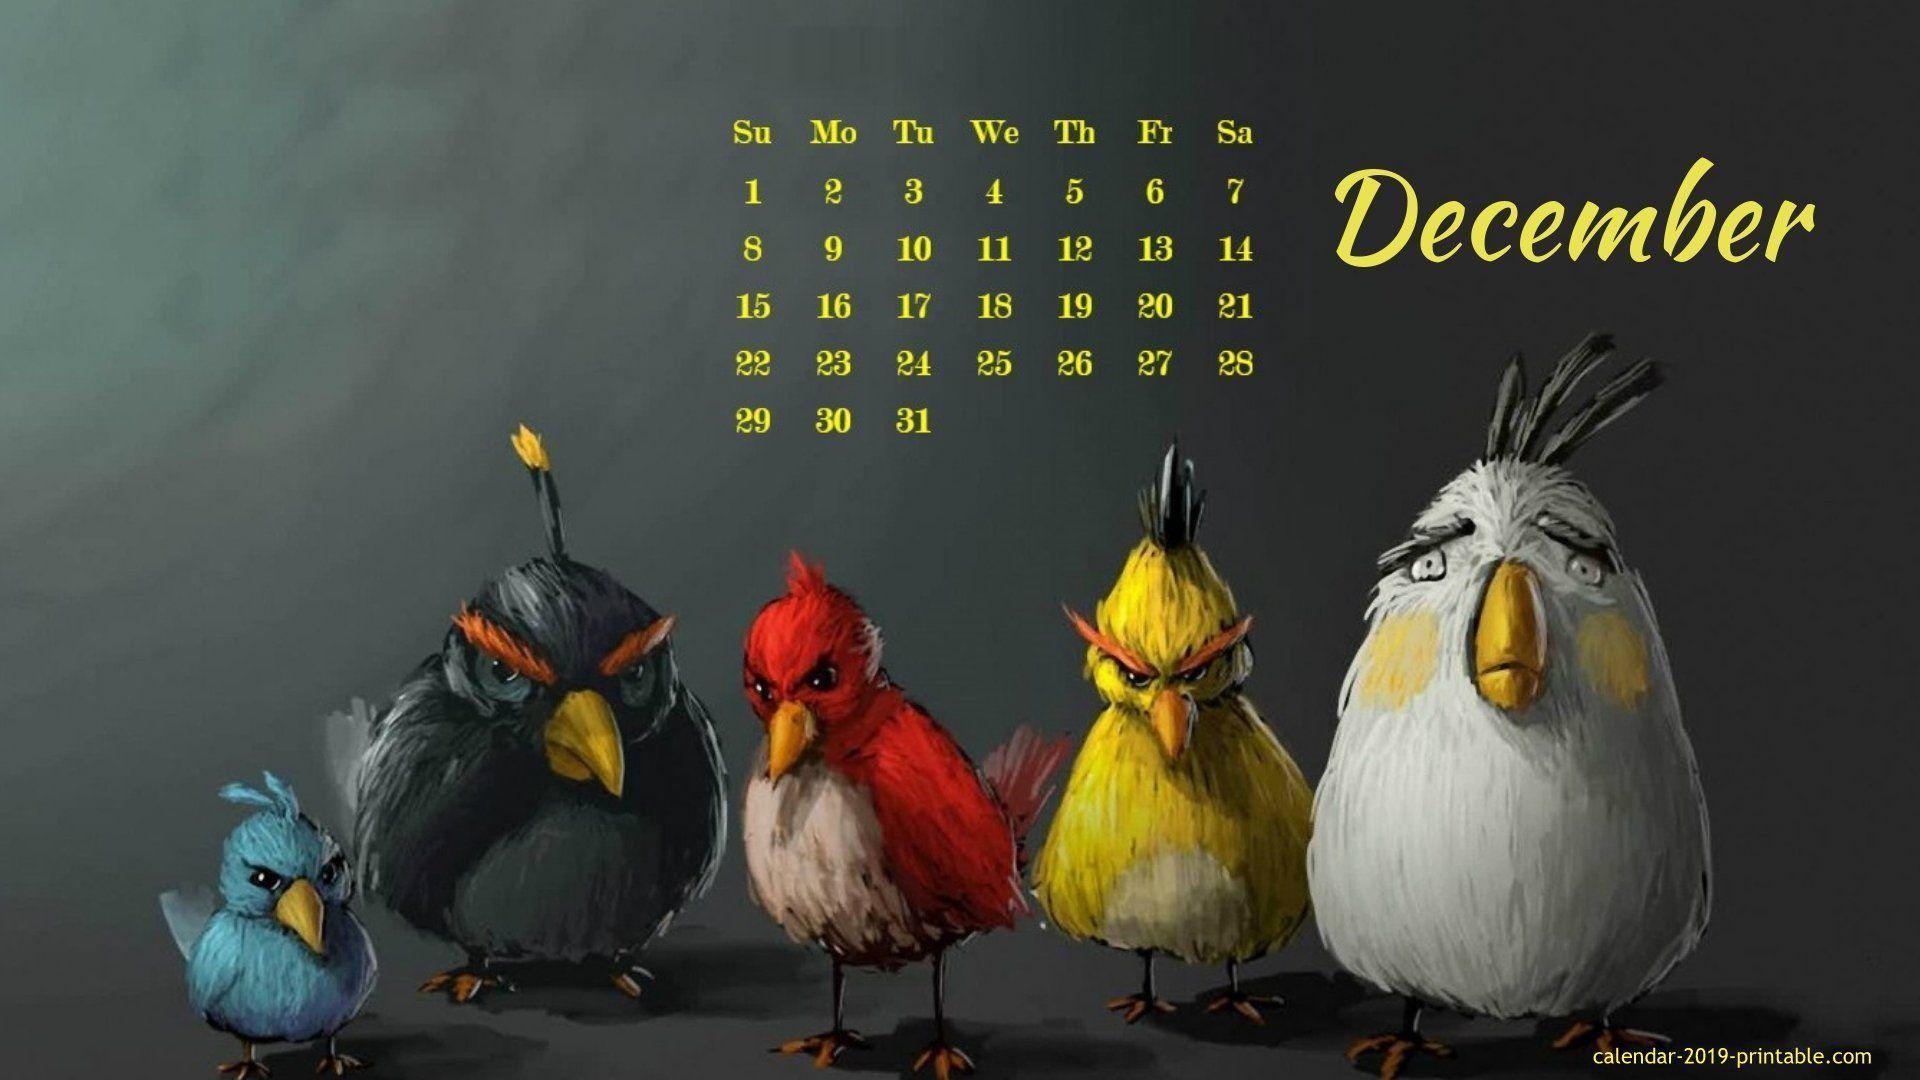 december 2019 calendar wallpaper 2019 calendar, Calendar